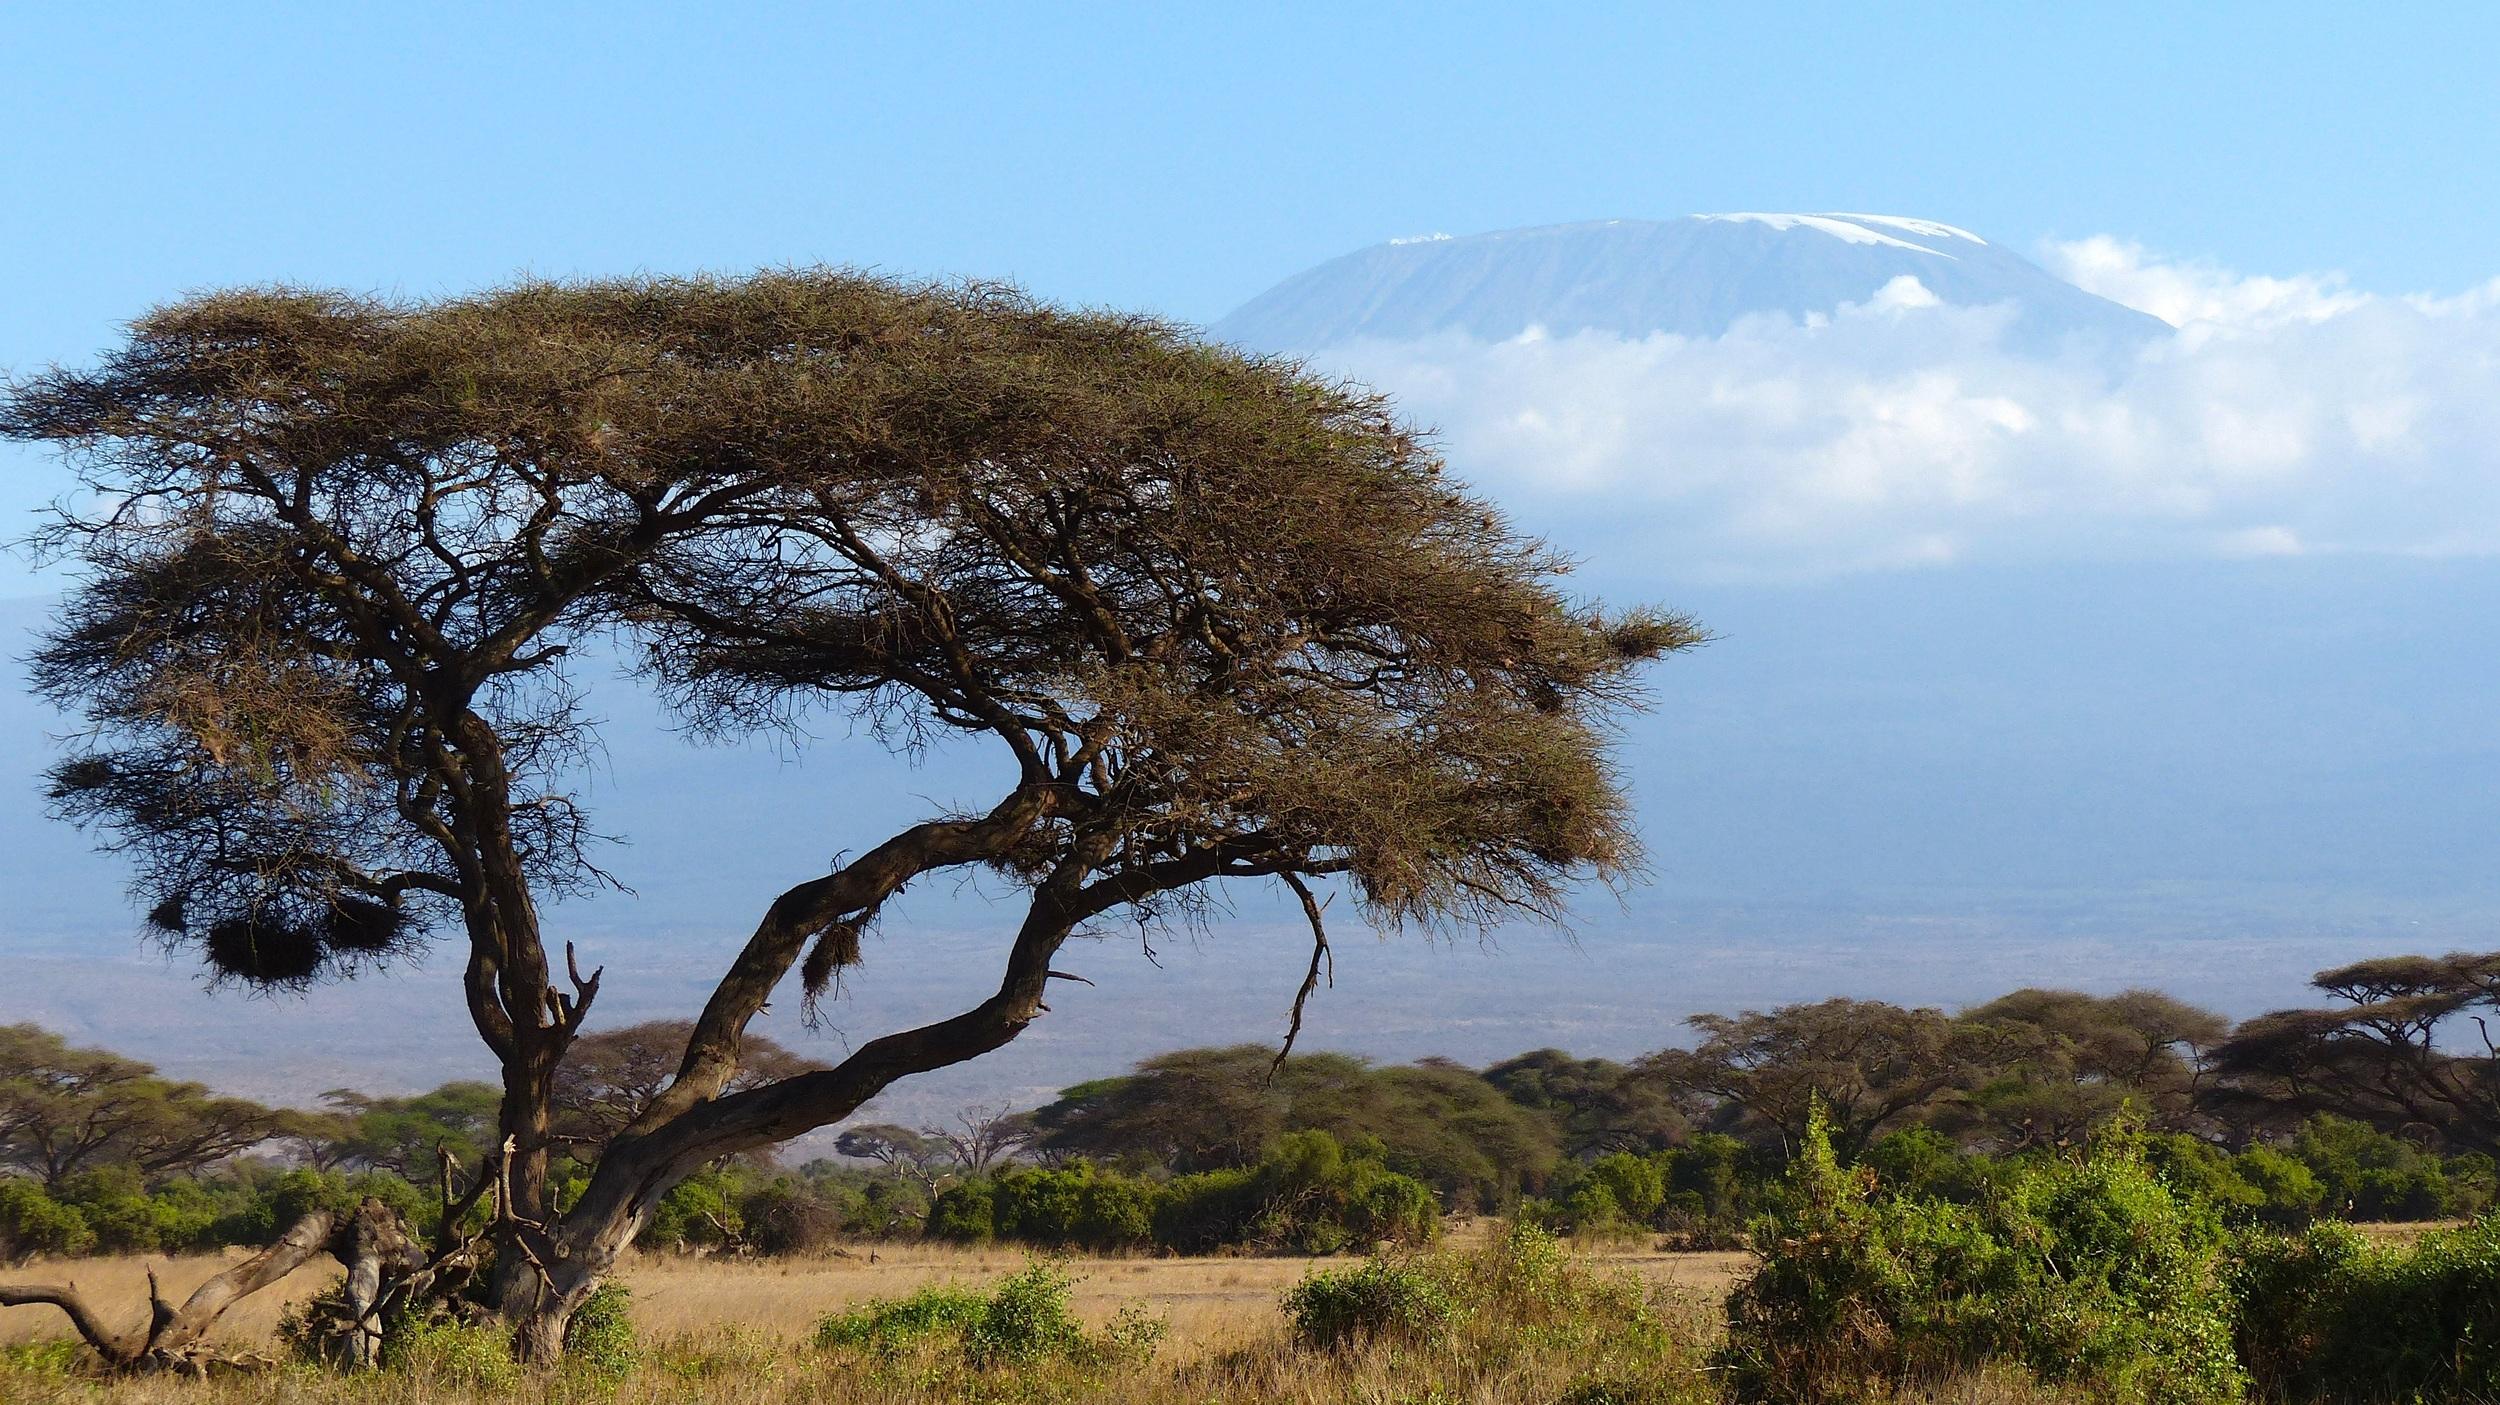 Kilimanjaro, Africa – 19,340' (5896m)